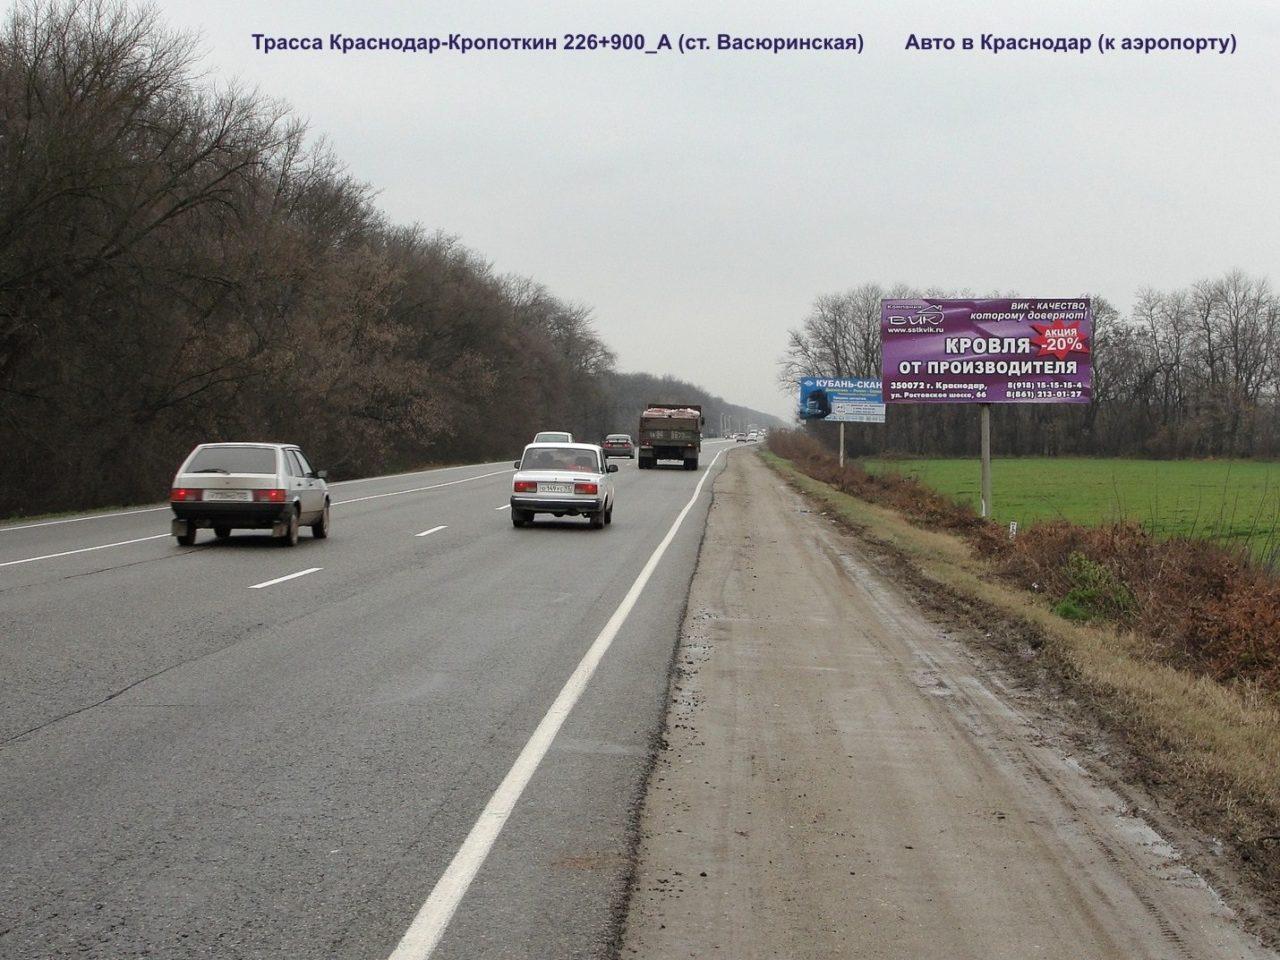 рекламные щиты Васюринская